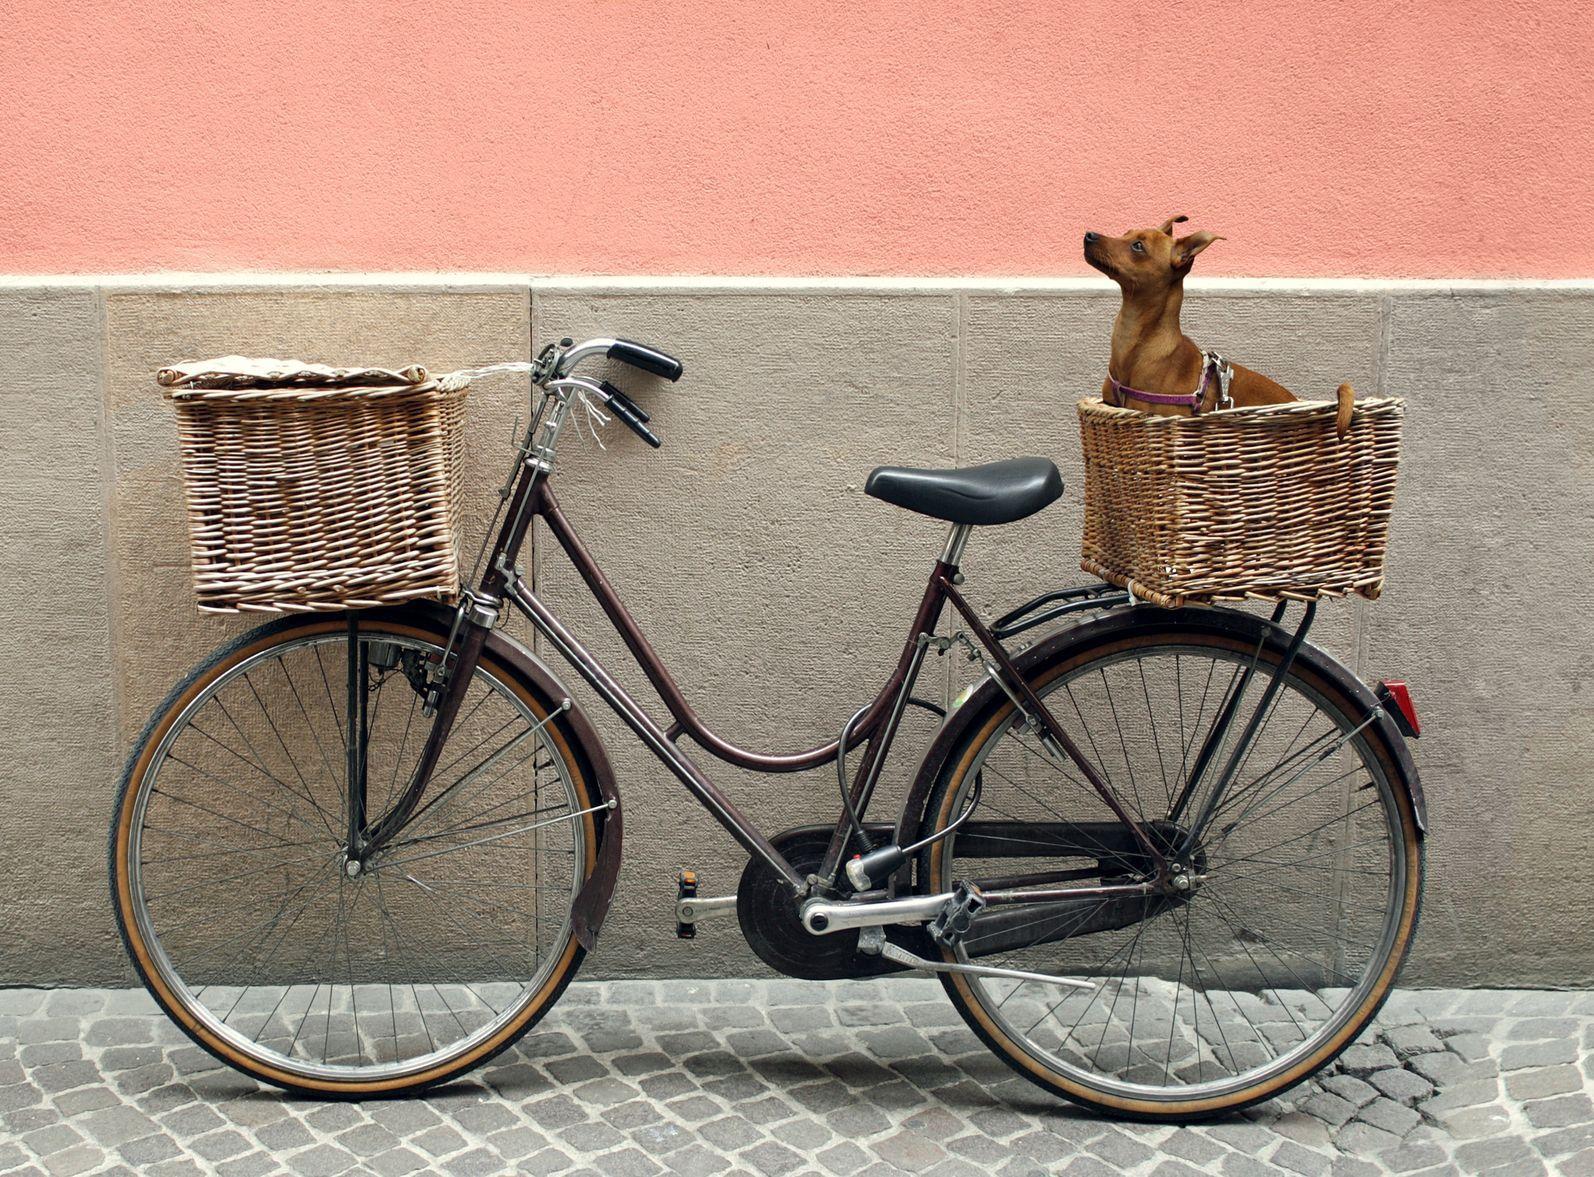 Best Dog Basket For Bike Dog Bike Basket Biking With Dog Dog